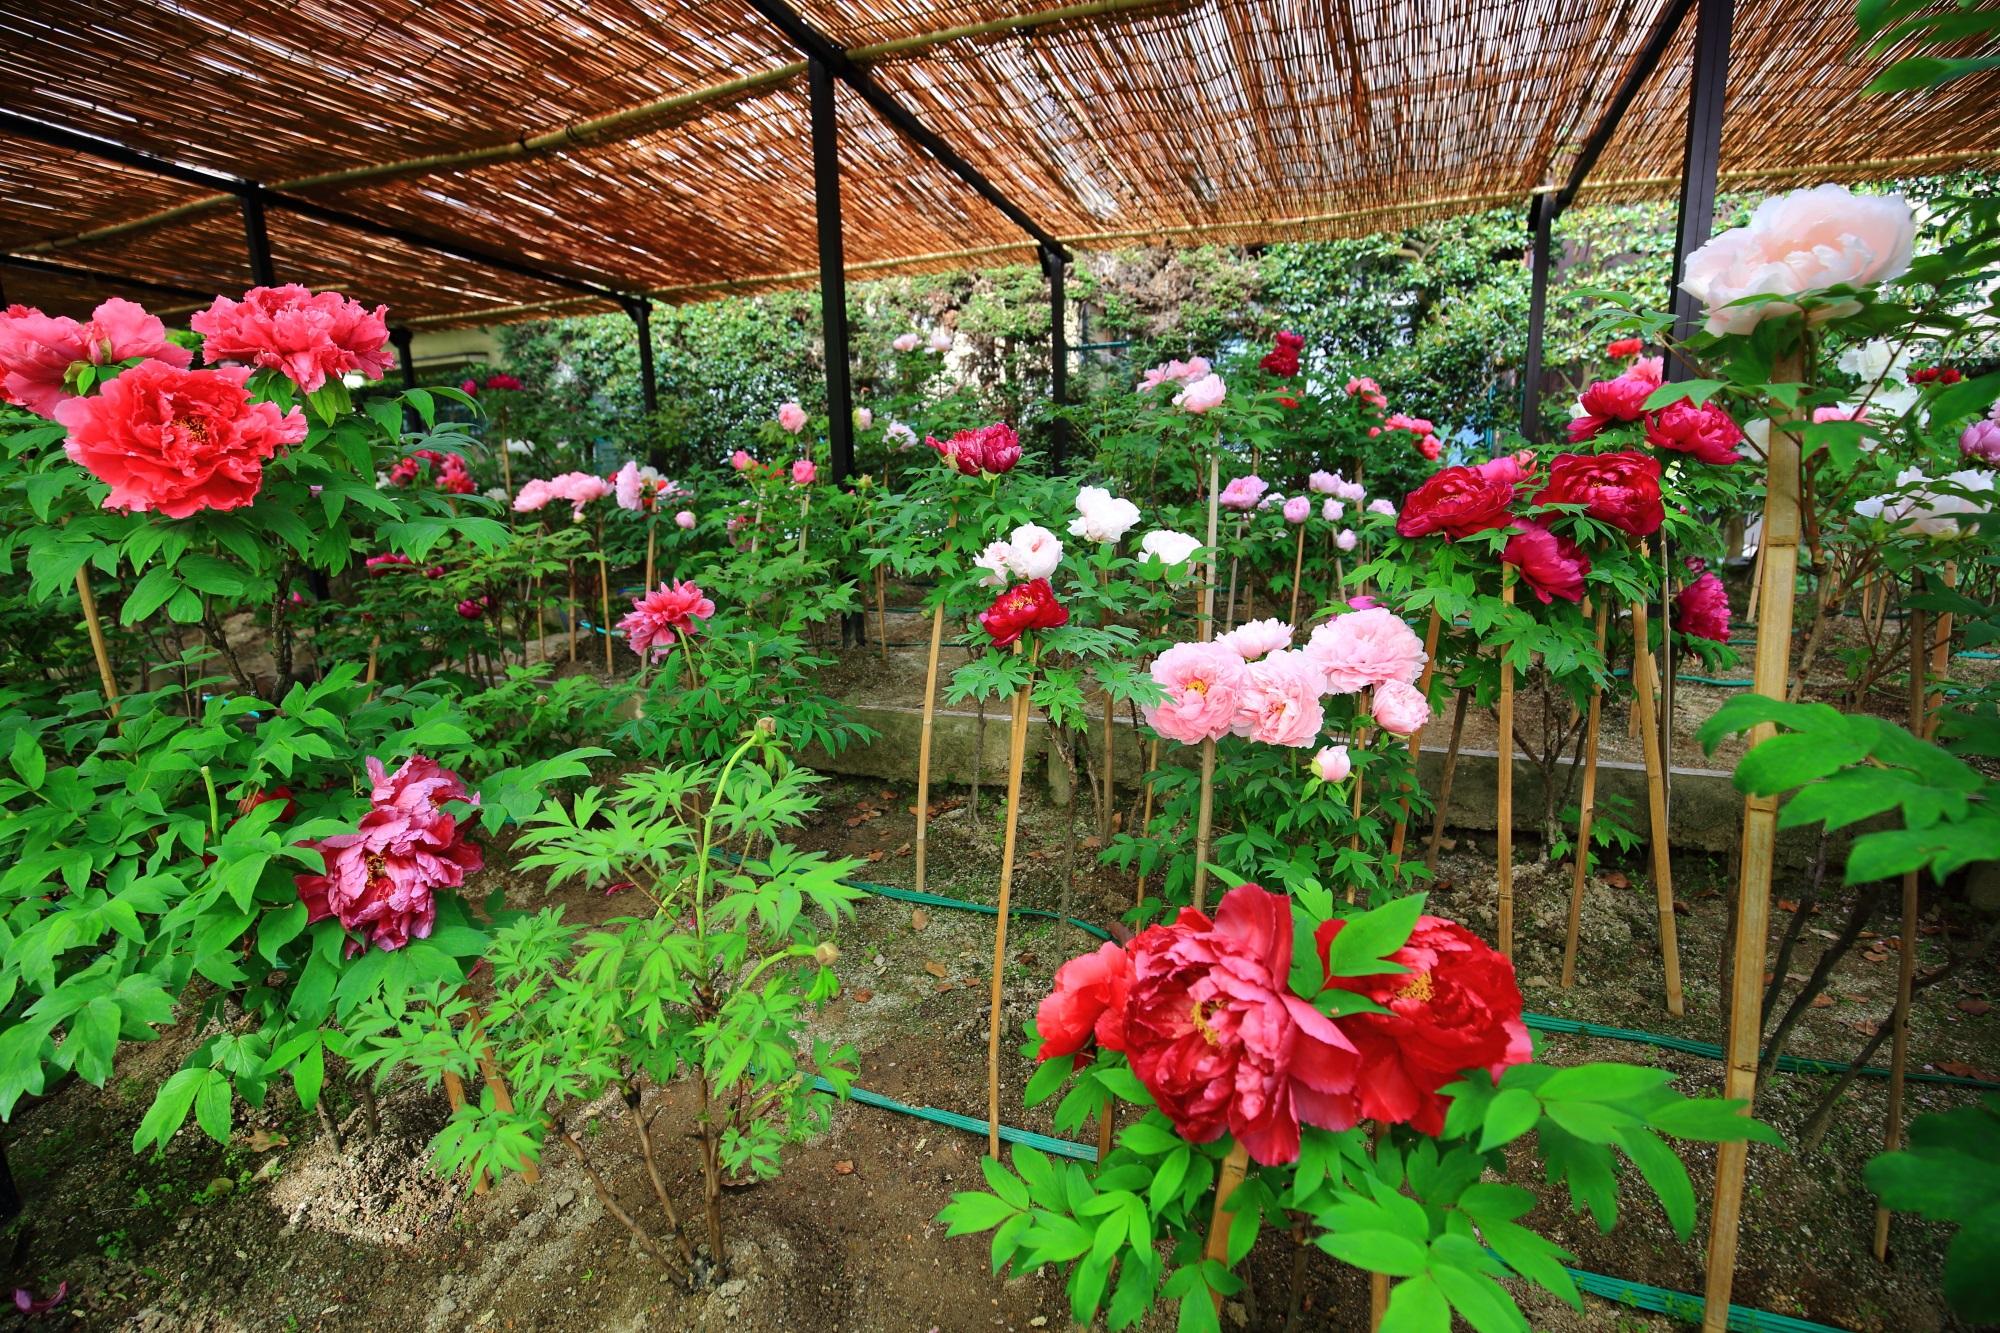 乙訓寺の咲き誇る色とりどりの牡丹の花